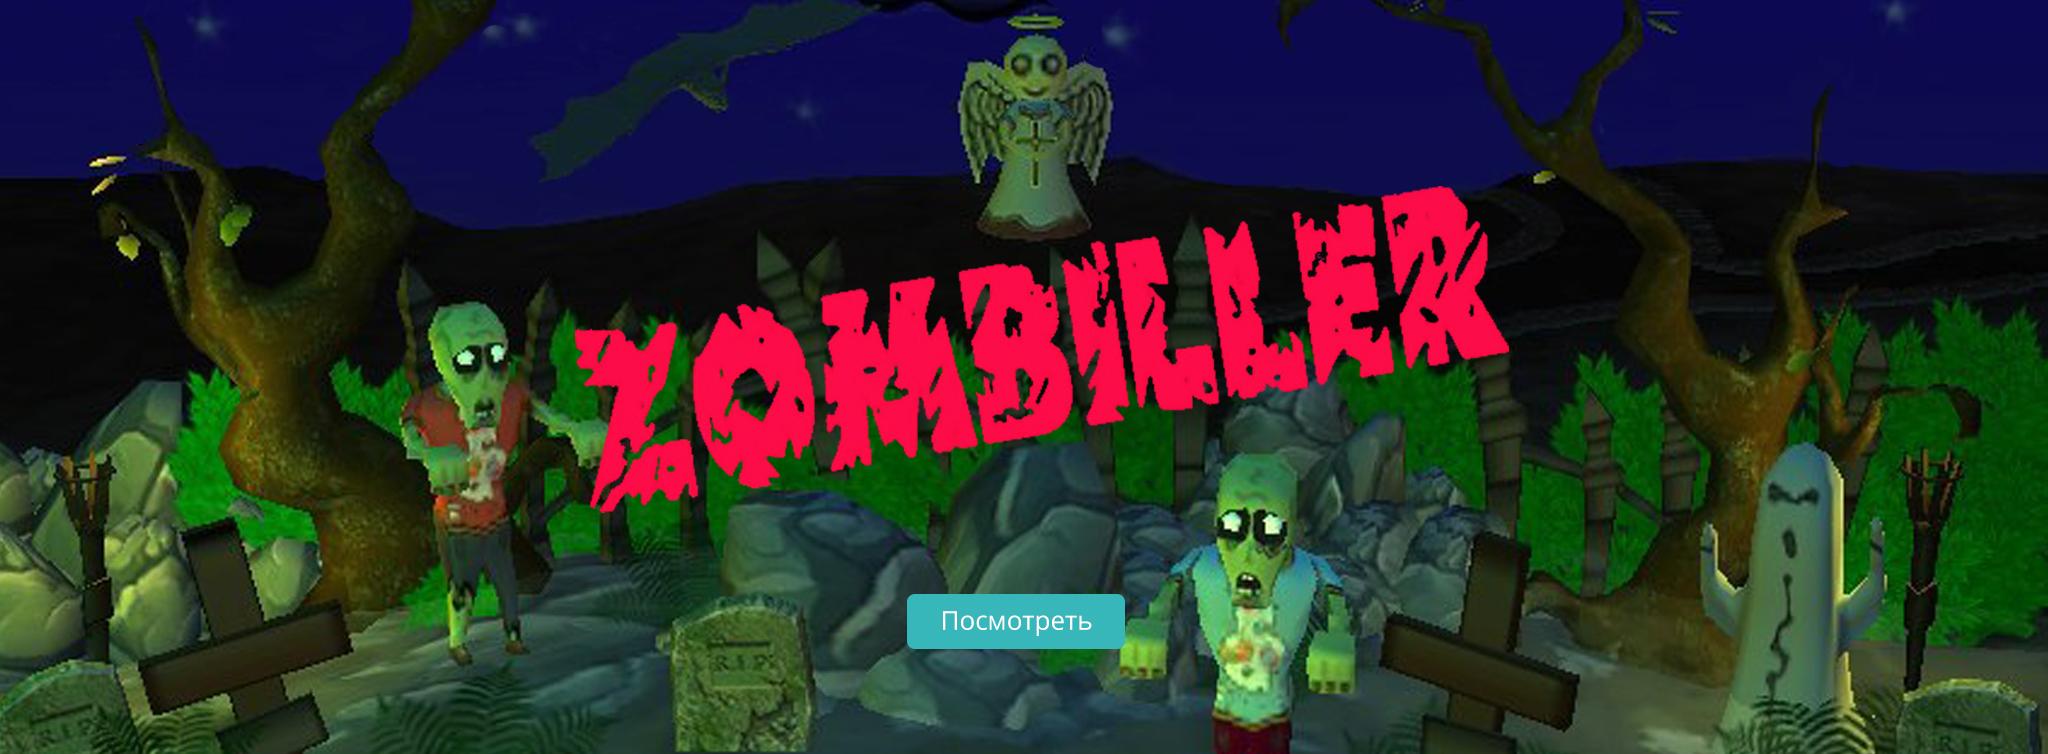 Казуальный зомбикиллер на кладбище.